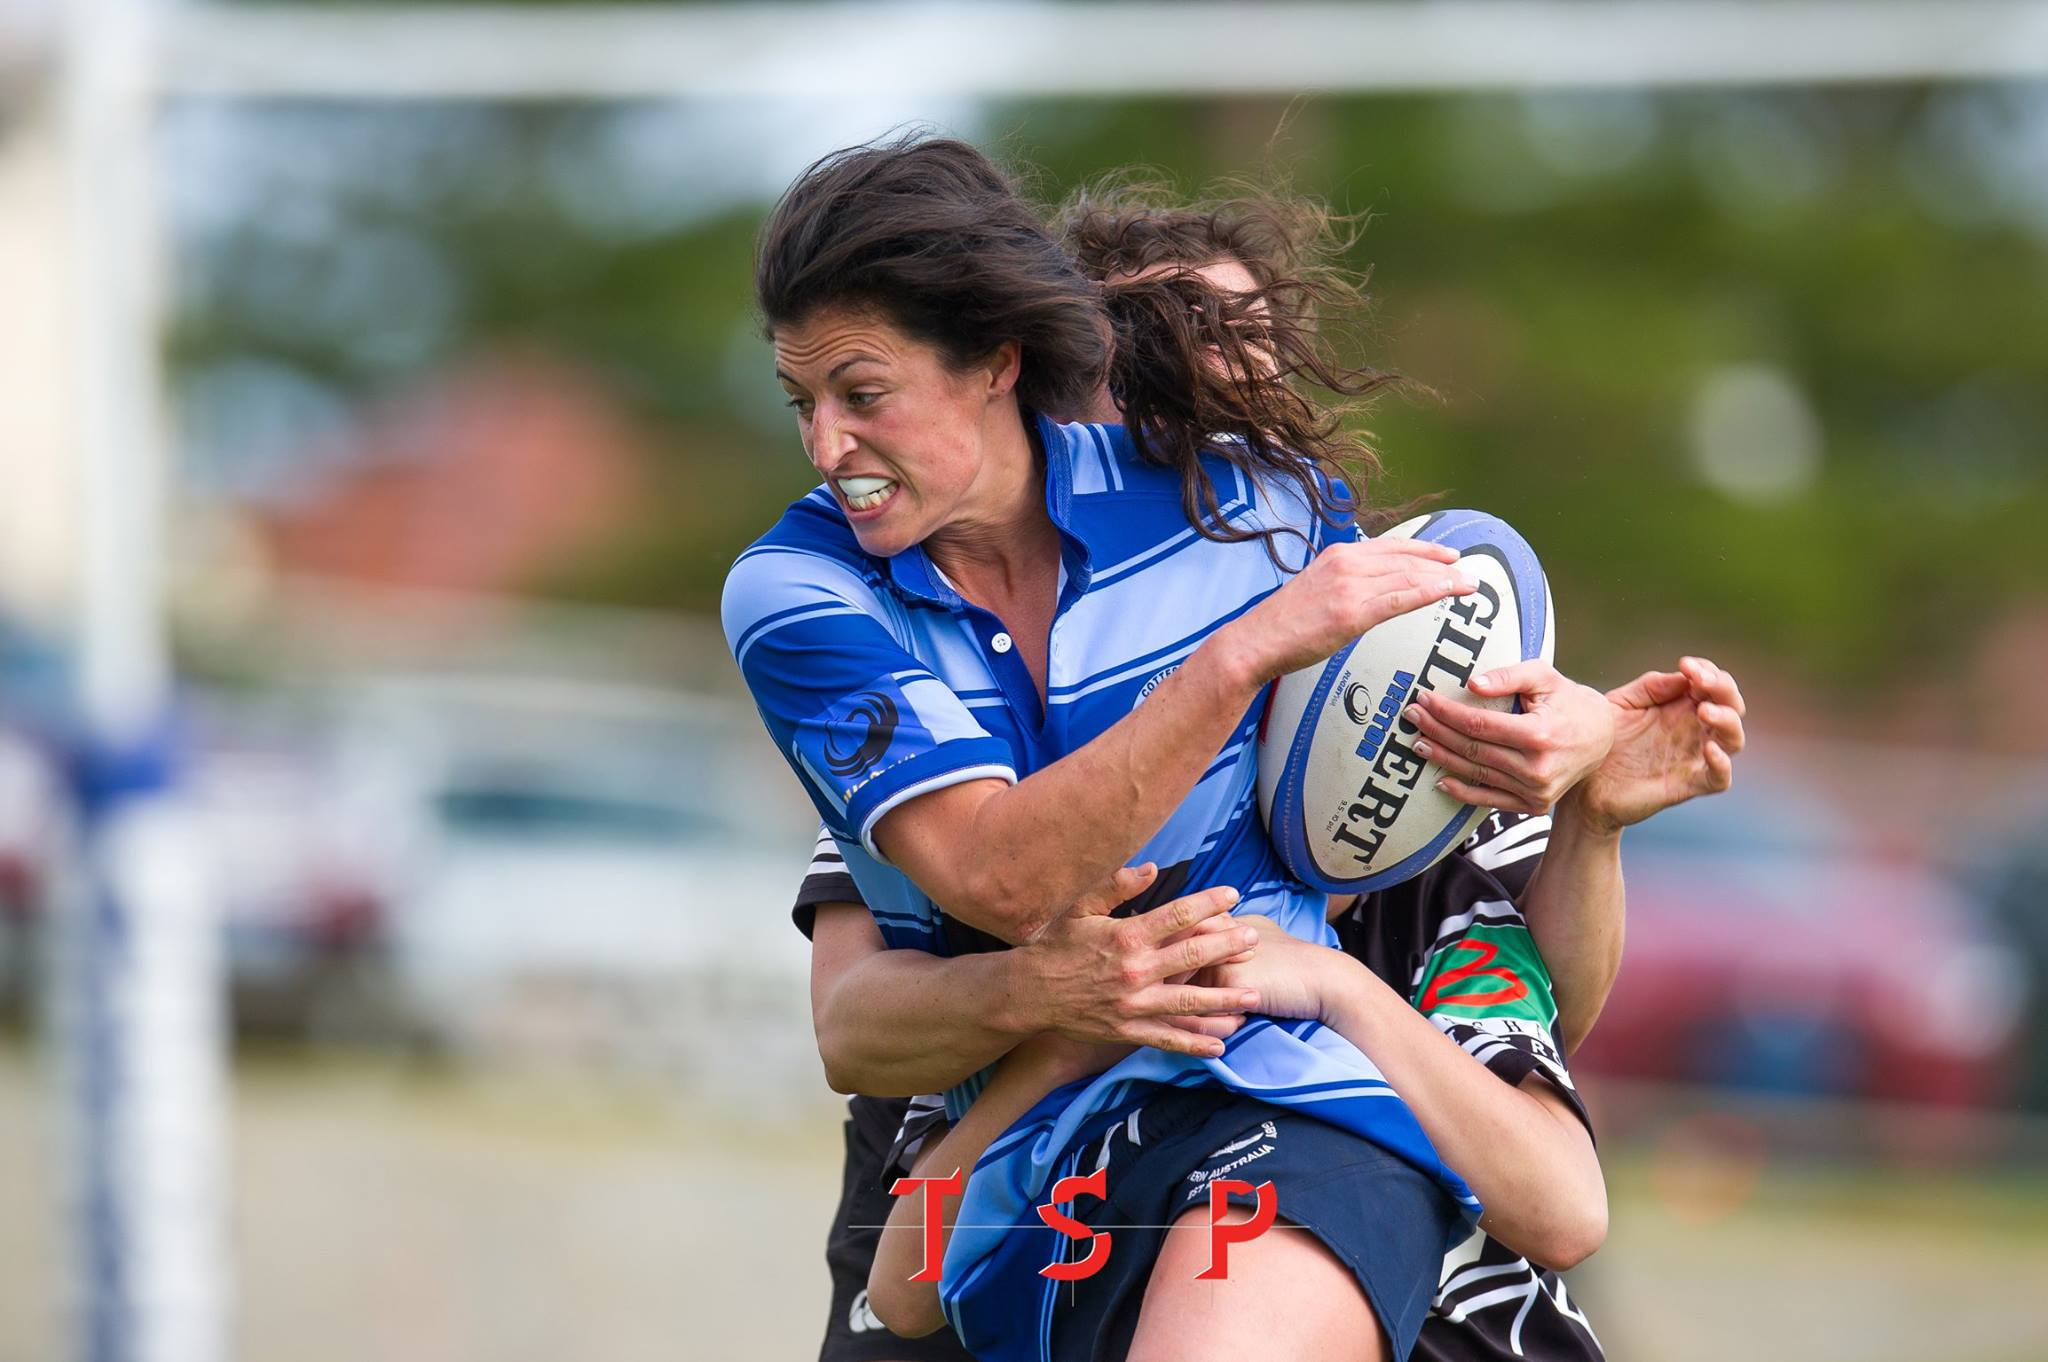 Cott Women's Rugby Team